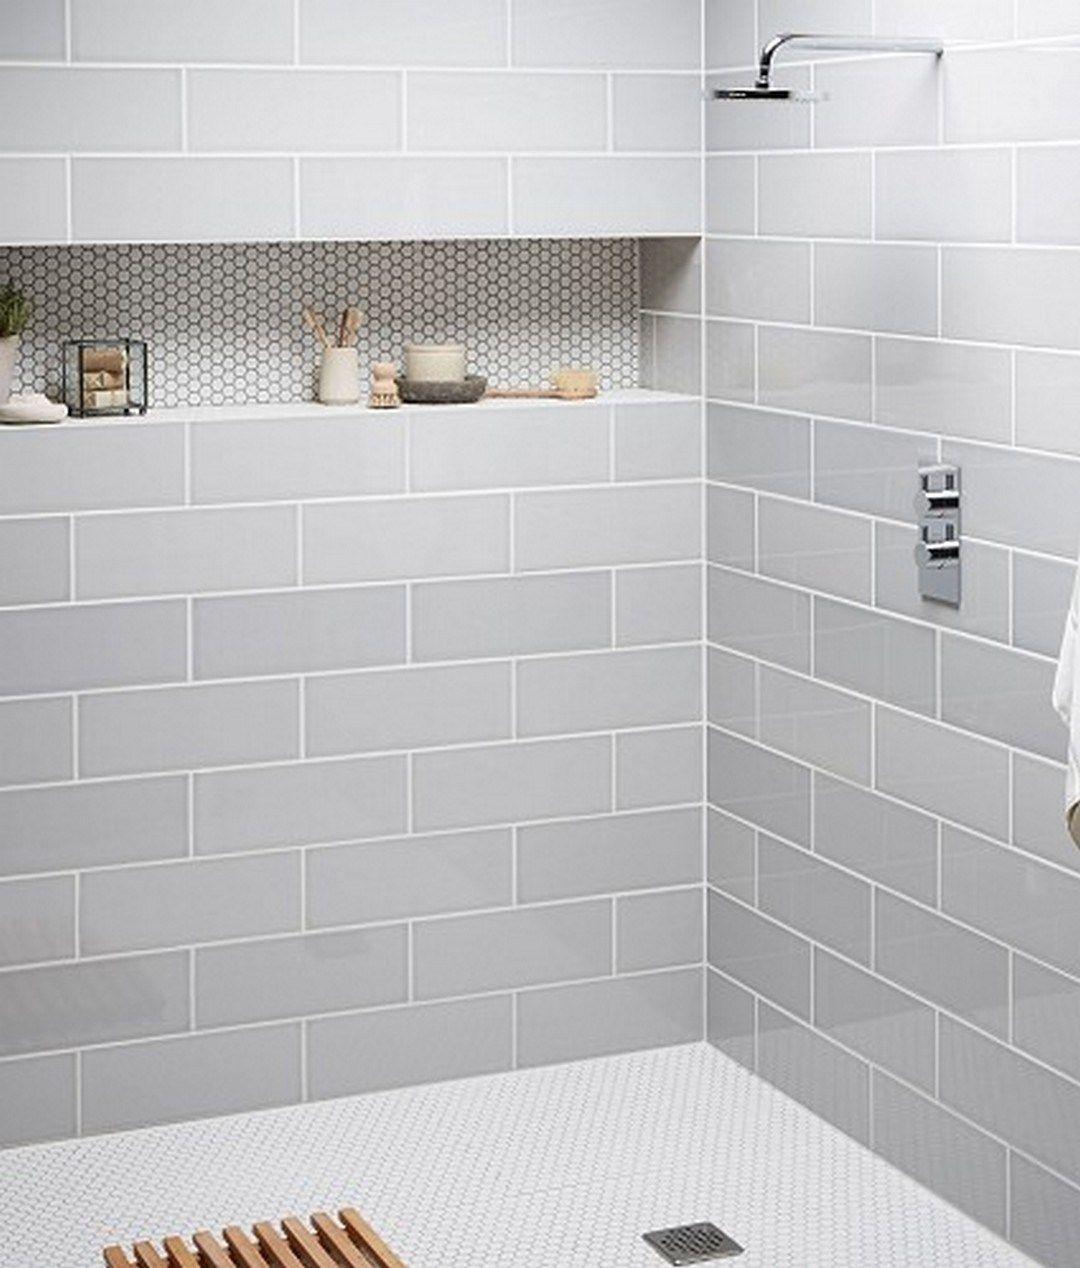 99 New Trends Bathroom Tile Design Inspiration 62